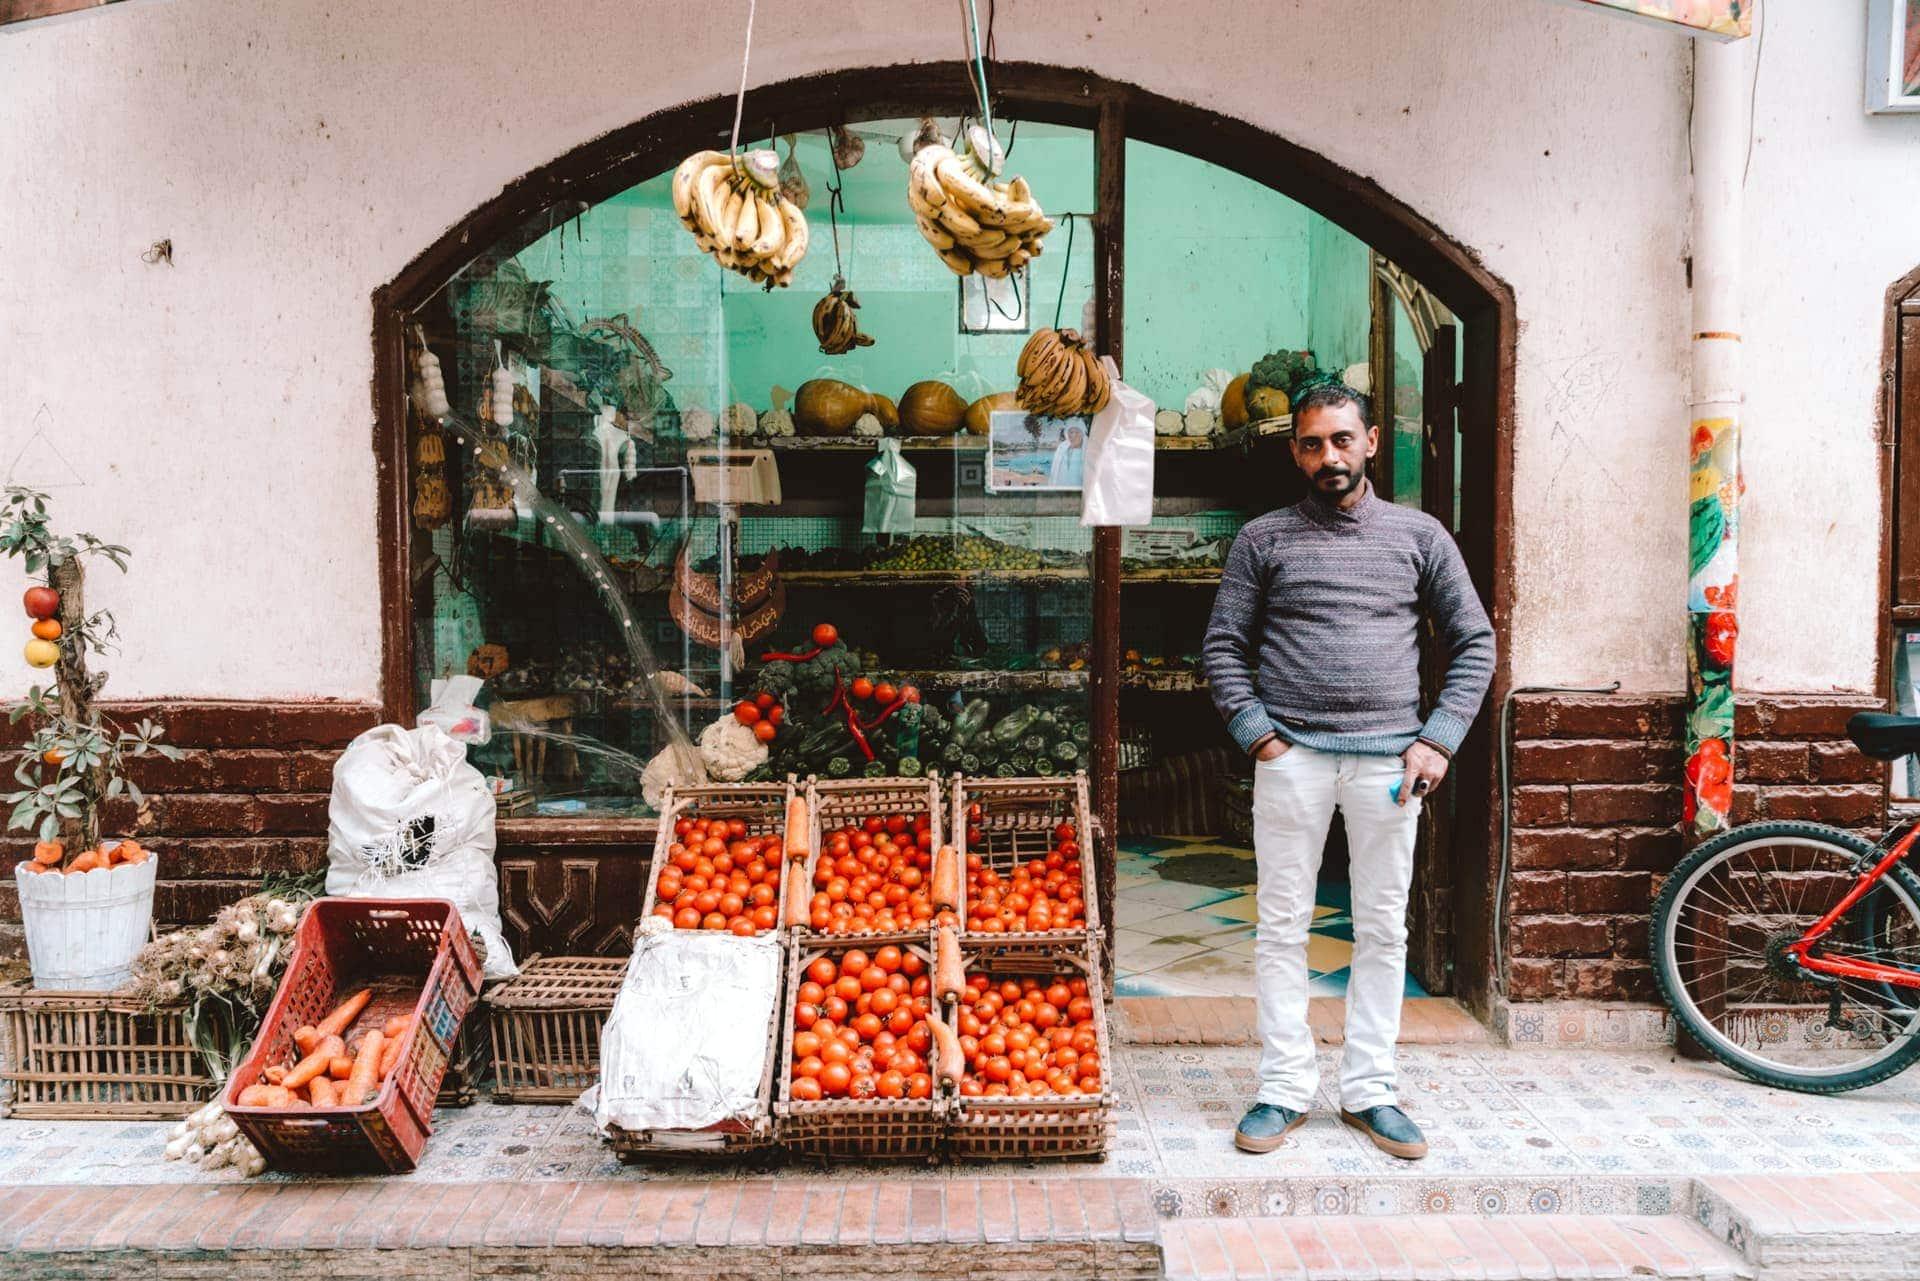 dahab fruit market